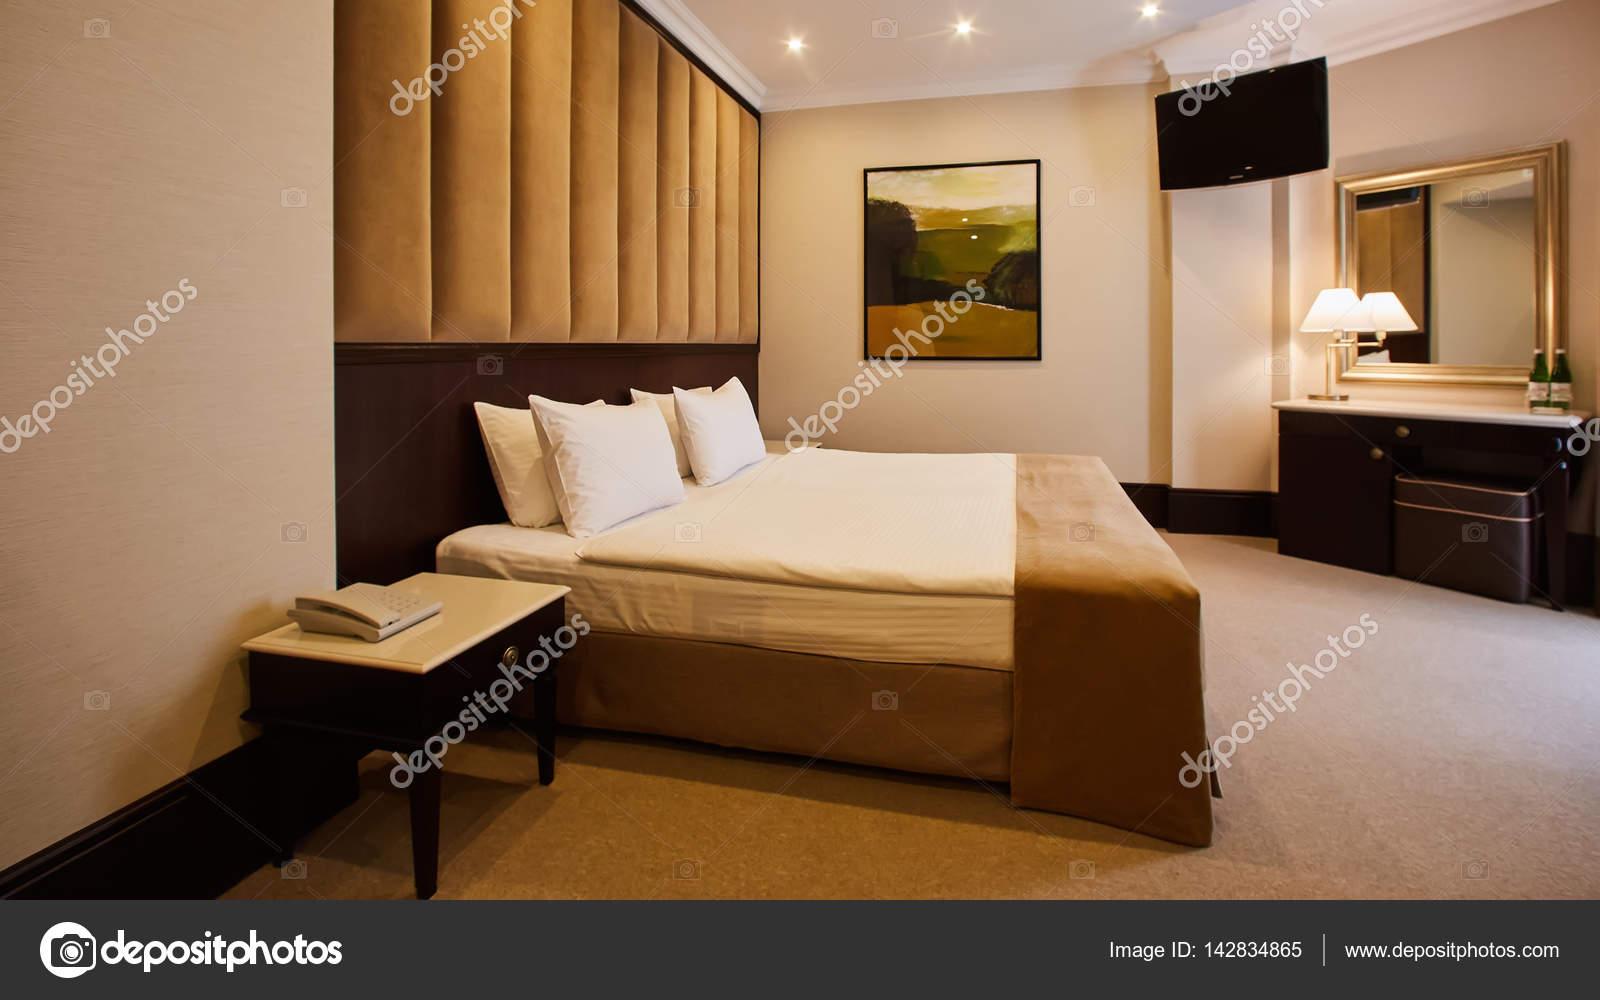 Lindo Quarto Decoração Design De Interiores No Hotel U2014 Fotografia De Stock